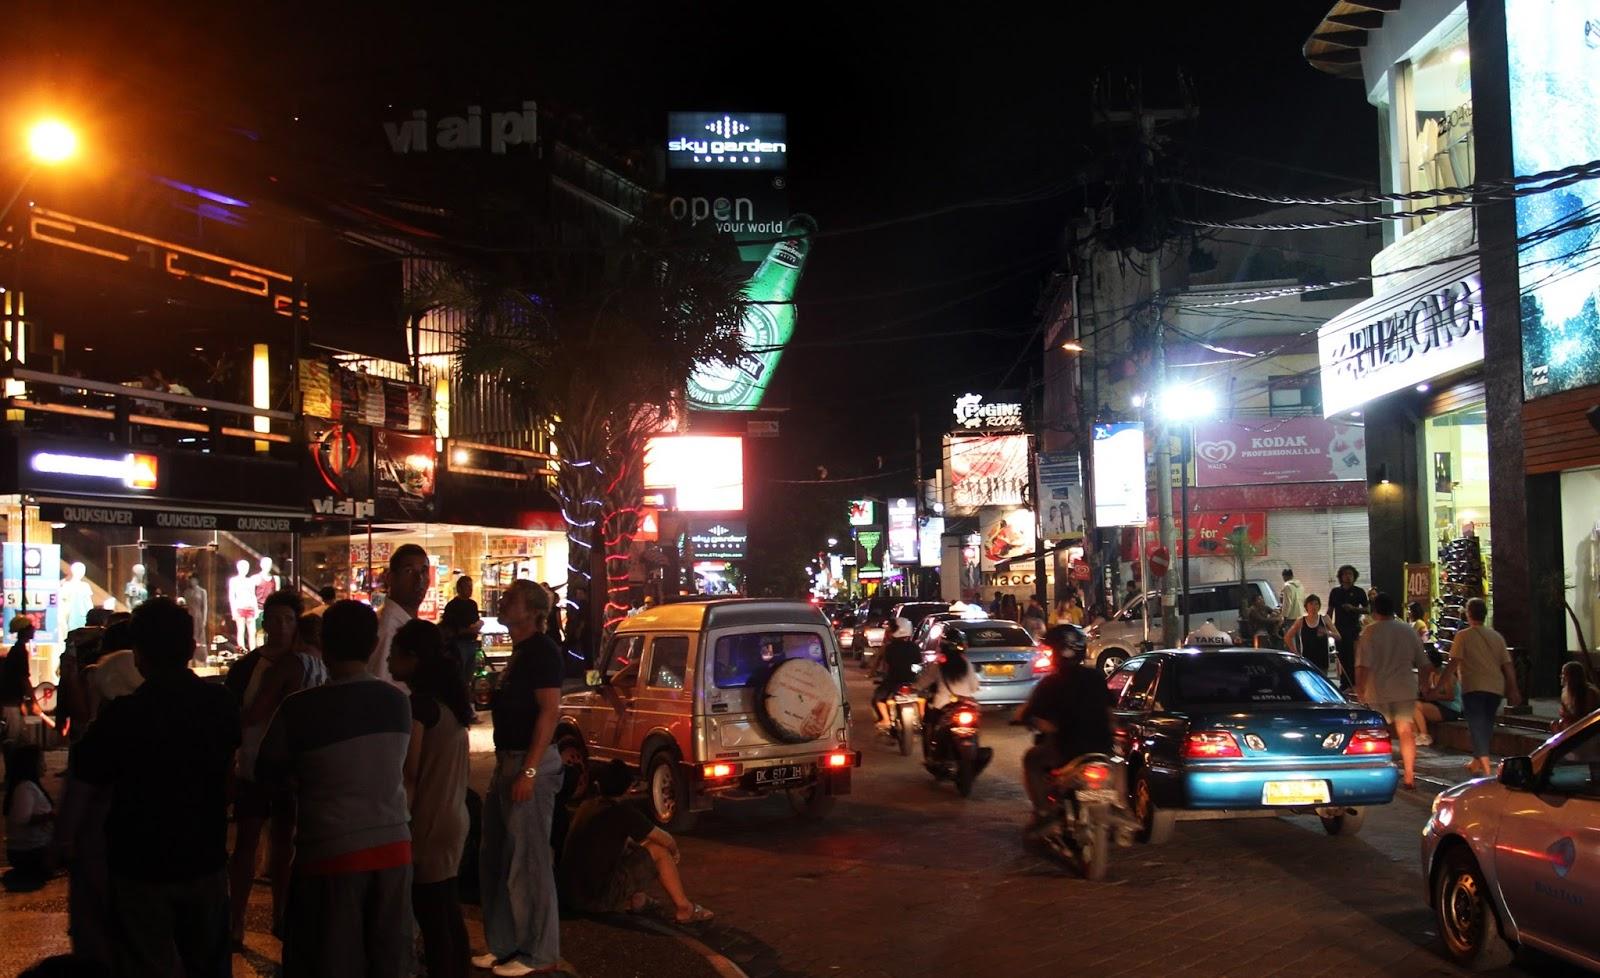 Menikmati Wisata Malam Di Legian Bali